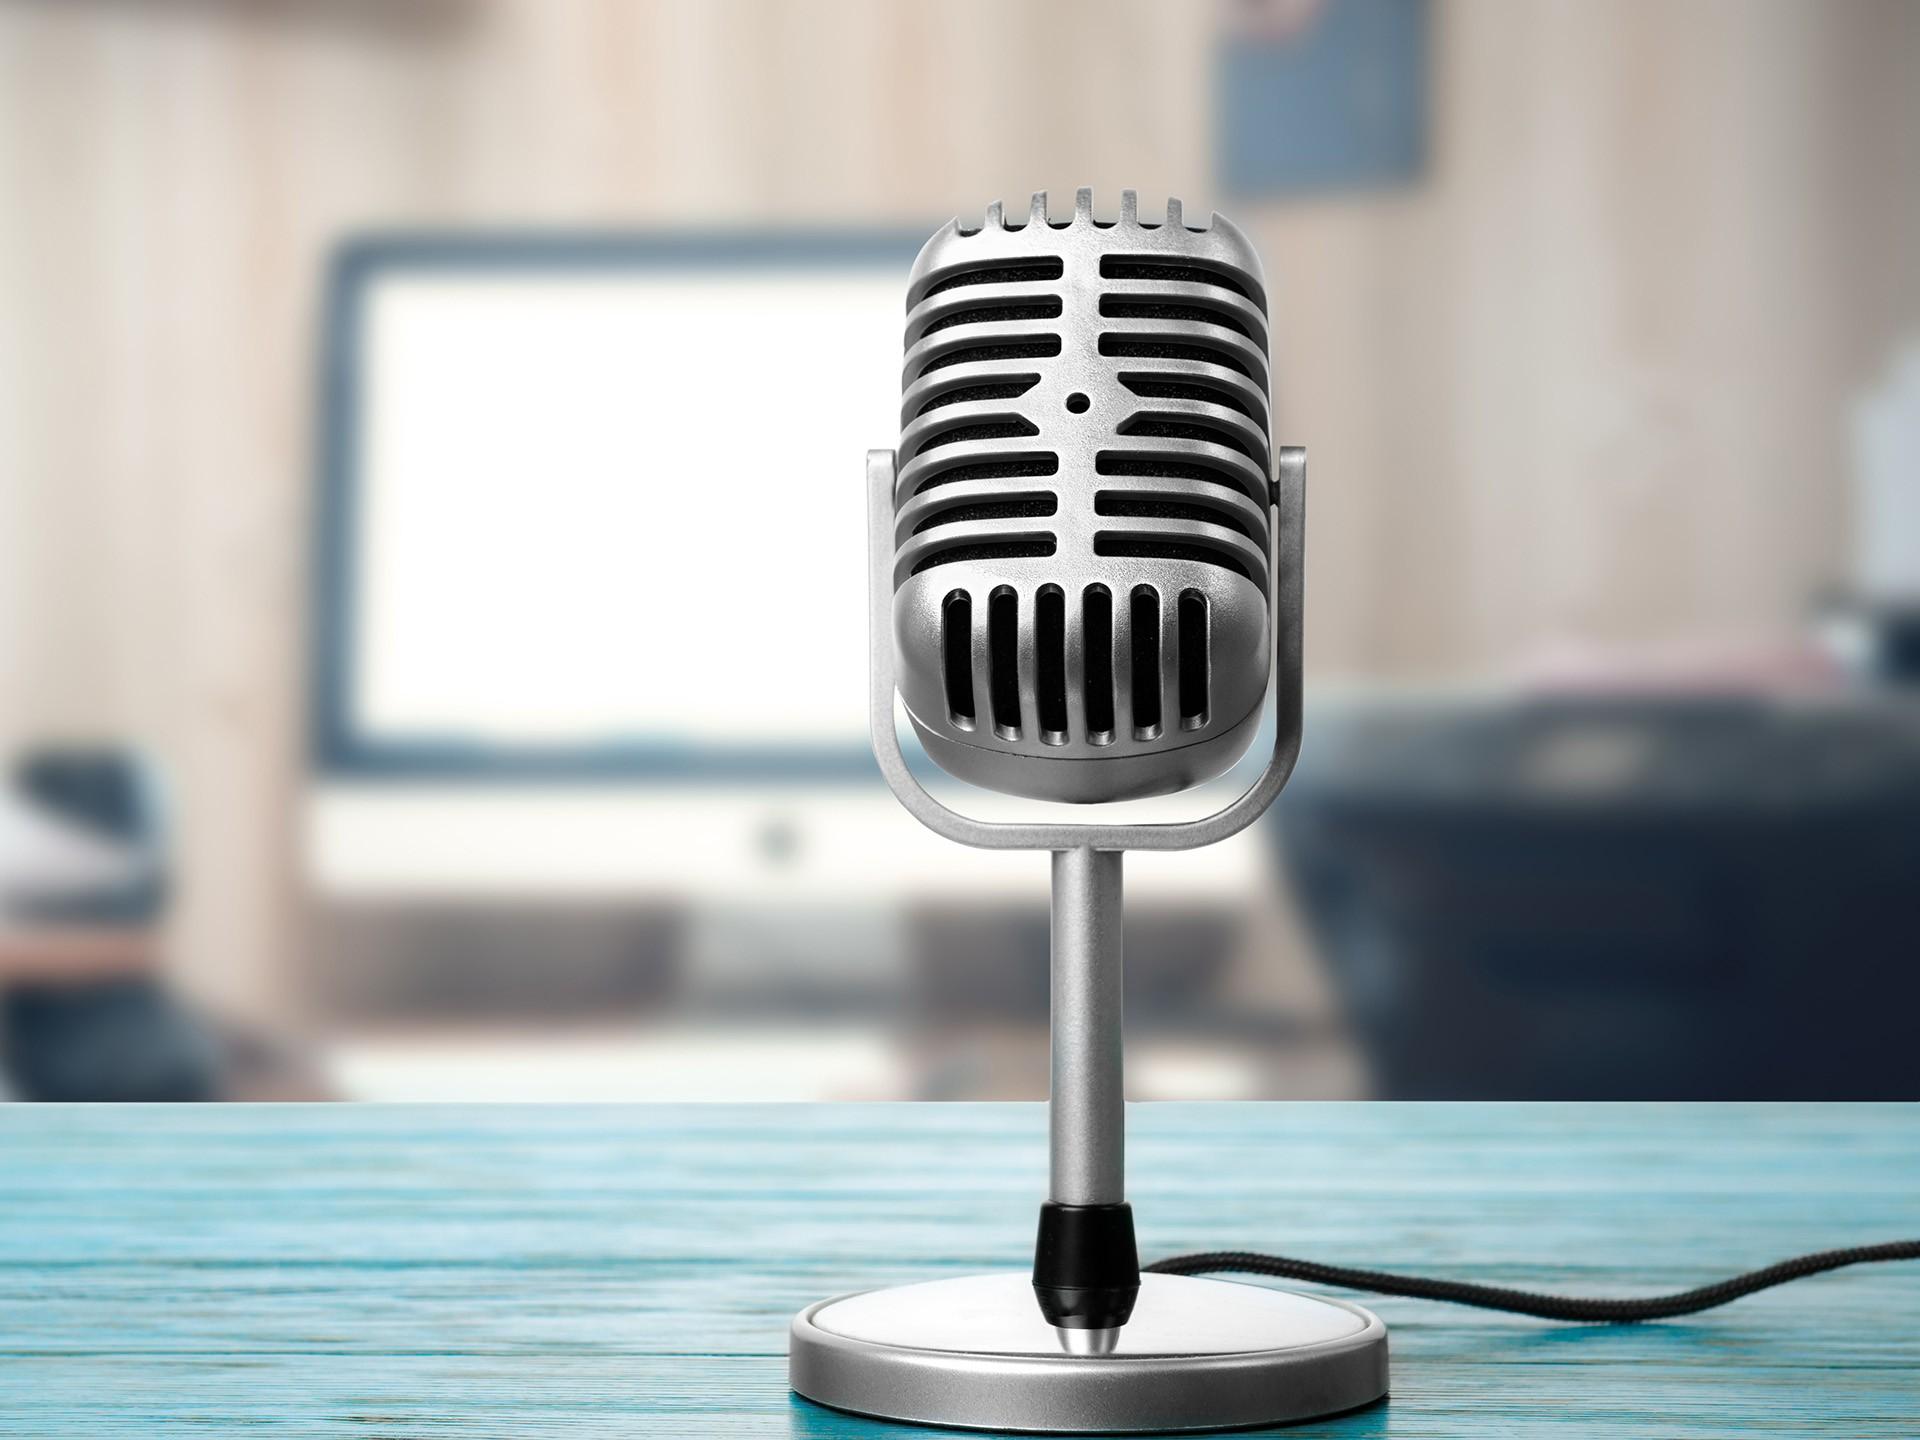 Онлайн-конференция Авито Авто «Высшая Передача» для дилеров и профессиональных продавцов автомобилей пройдет 12 ноября